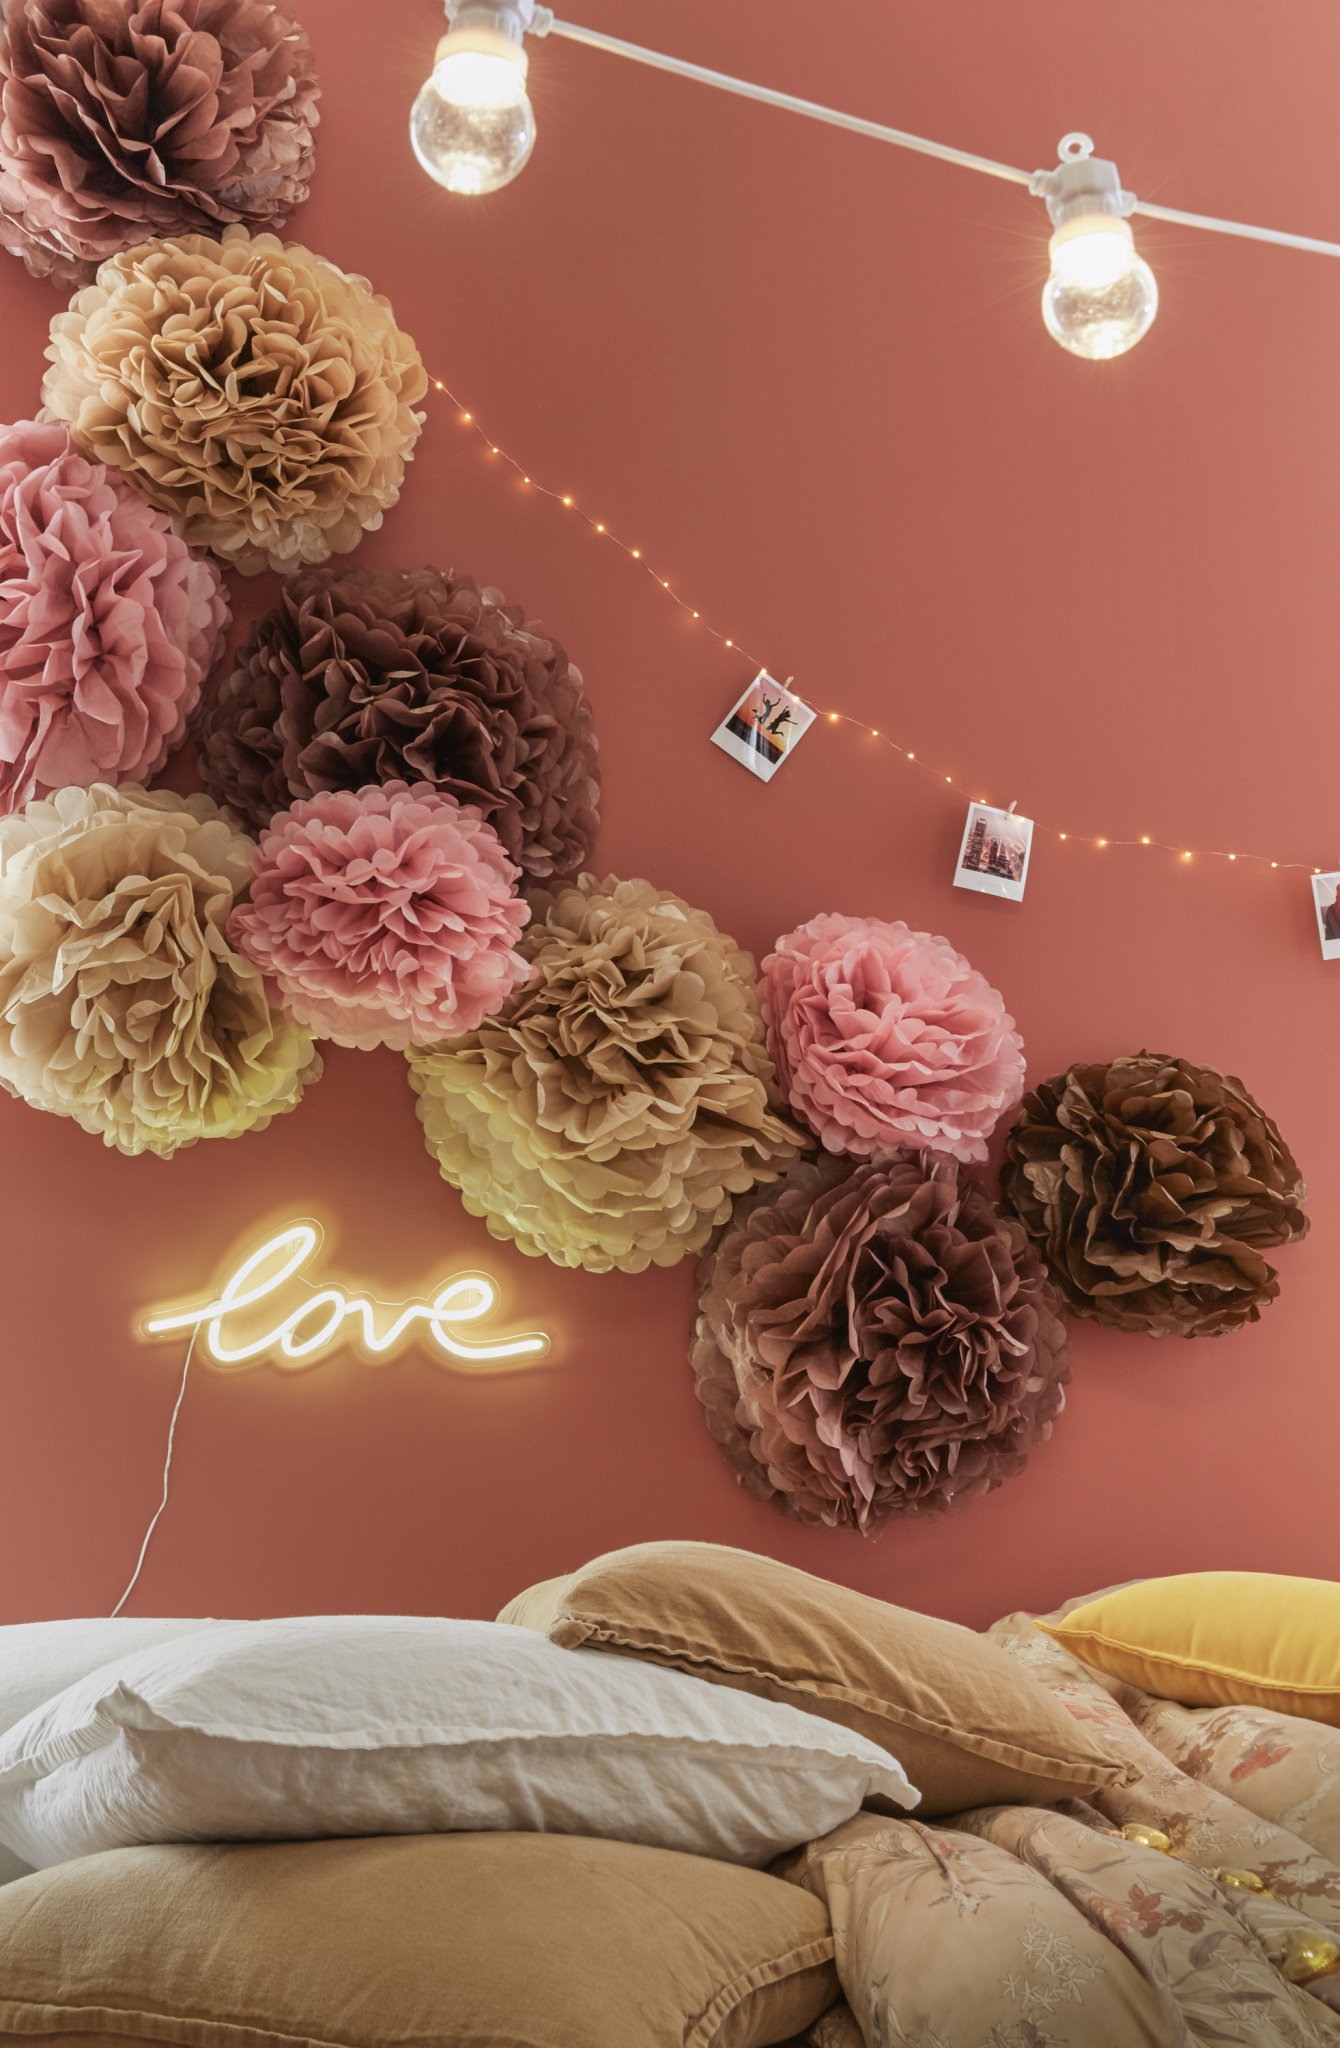 pompons saint valentin décoration tendances couleurs 2018 chambre intérieur